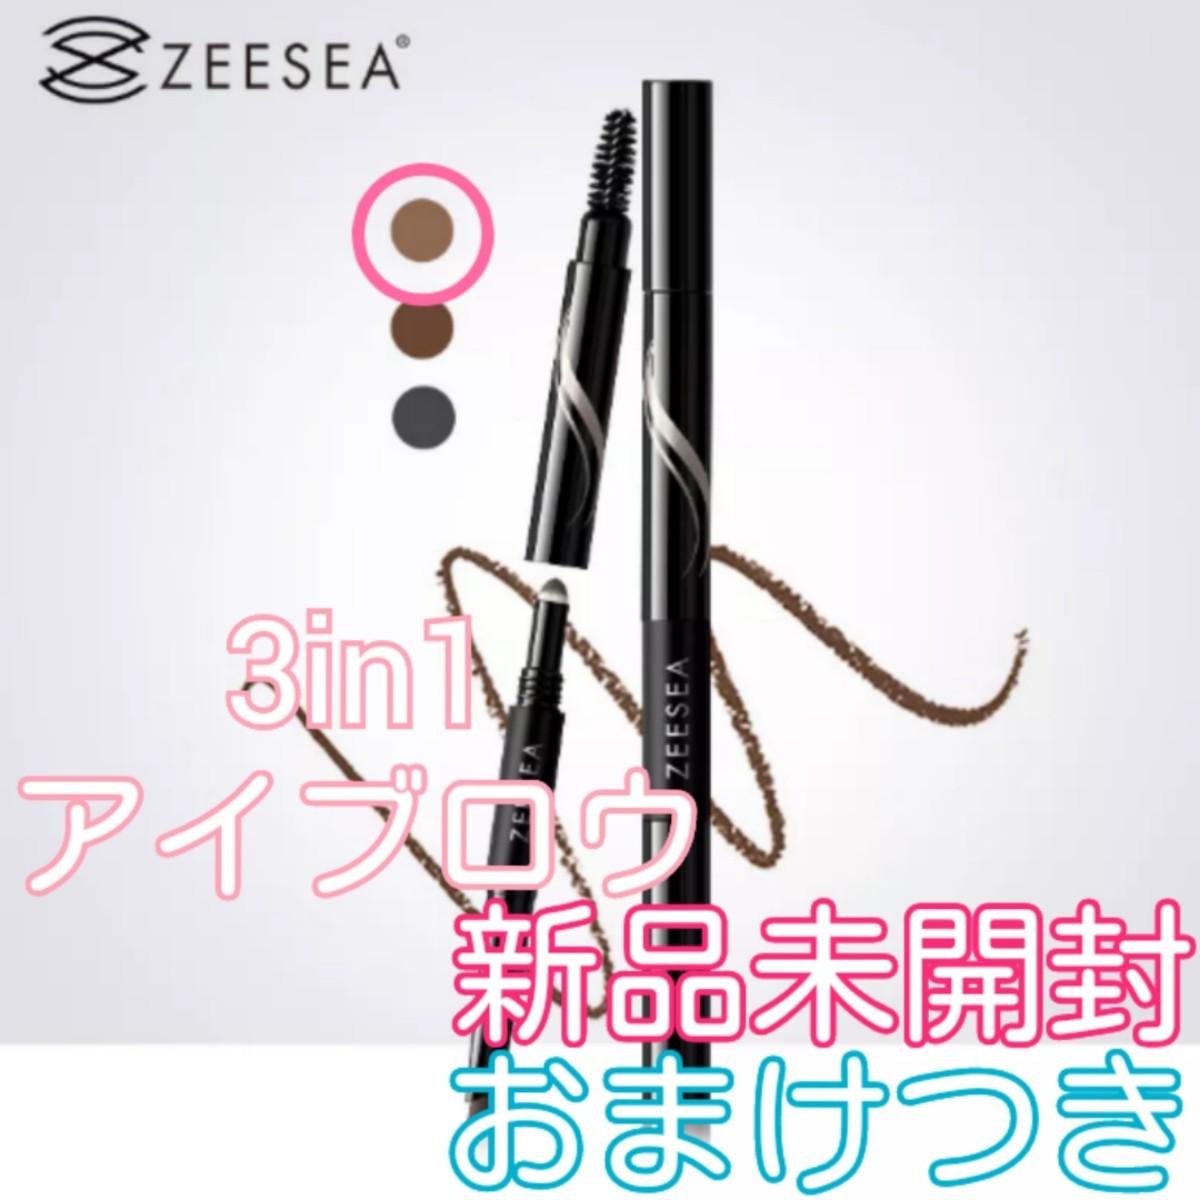 Zeesea ズーシー 3in1 アイブロウペンシル ライトブラウン